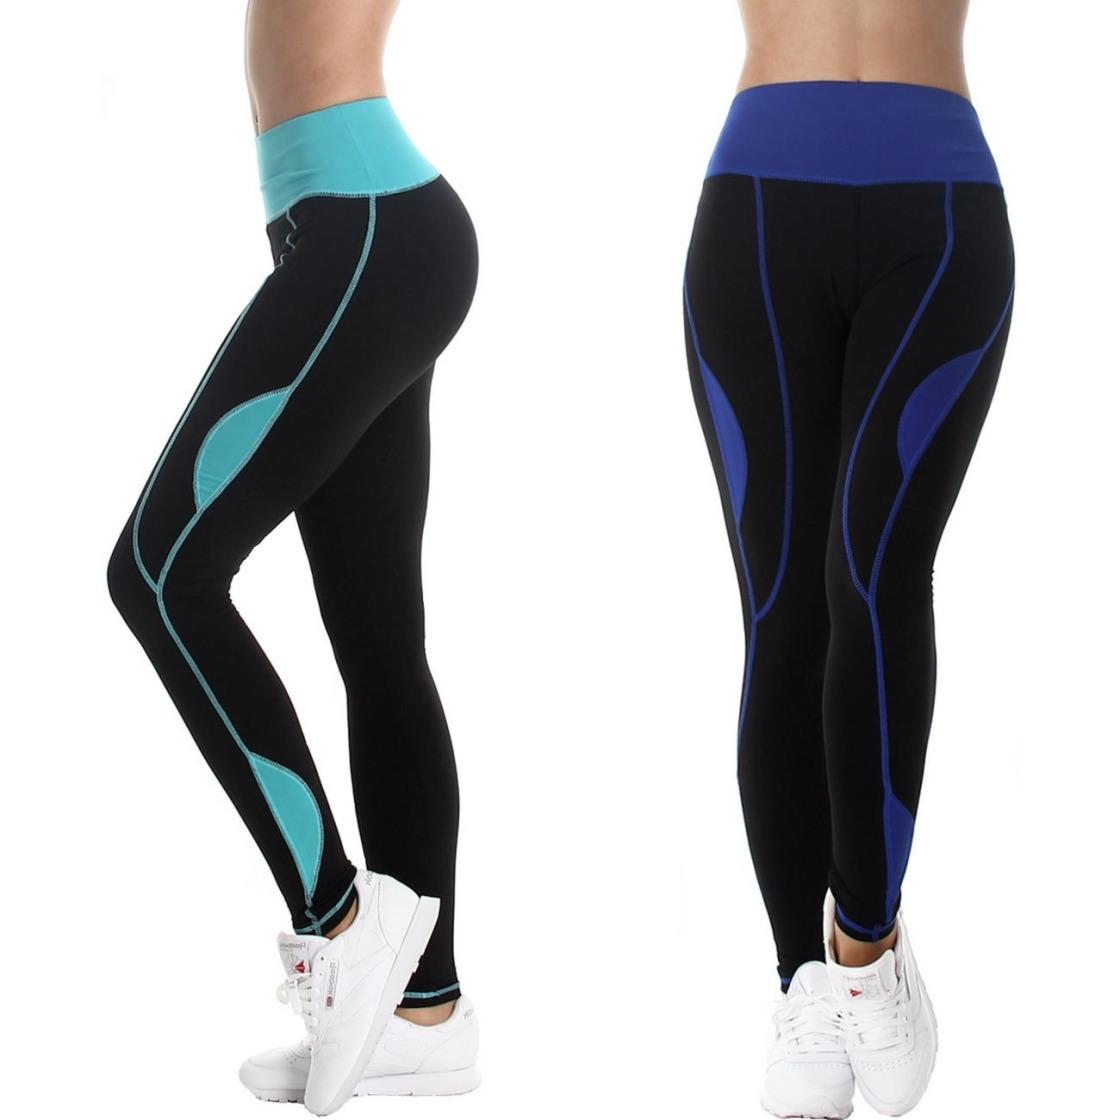 boxin damen sport leggings lang hoher bund schwarz mit. Black Bedroom Furniture Sets. Home Design Ideas